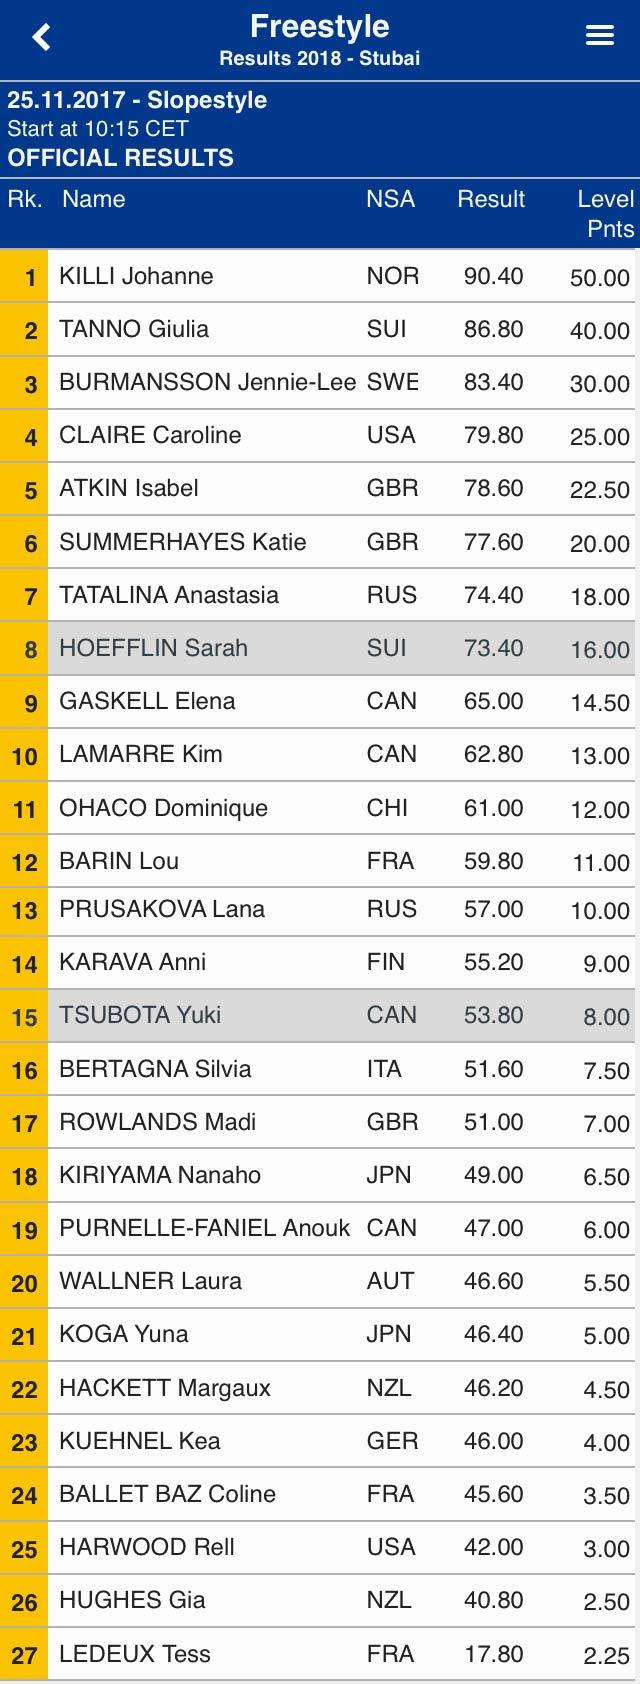 Ergebnisse aus der Slopestyle Qualifikation der Frauen beim Stubai Freeski Worldcup 2017